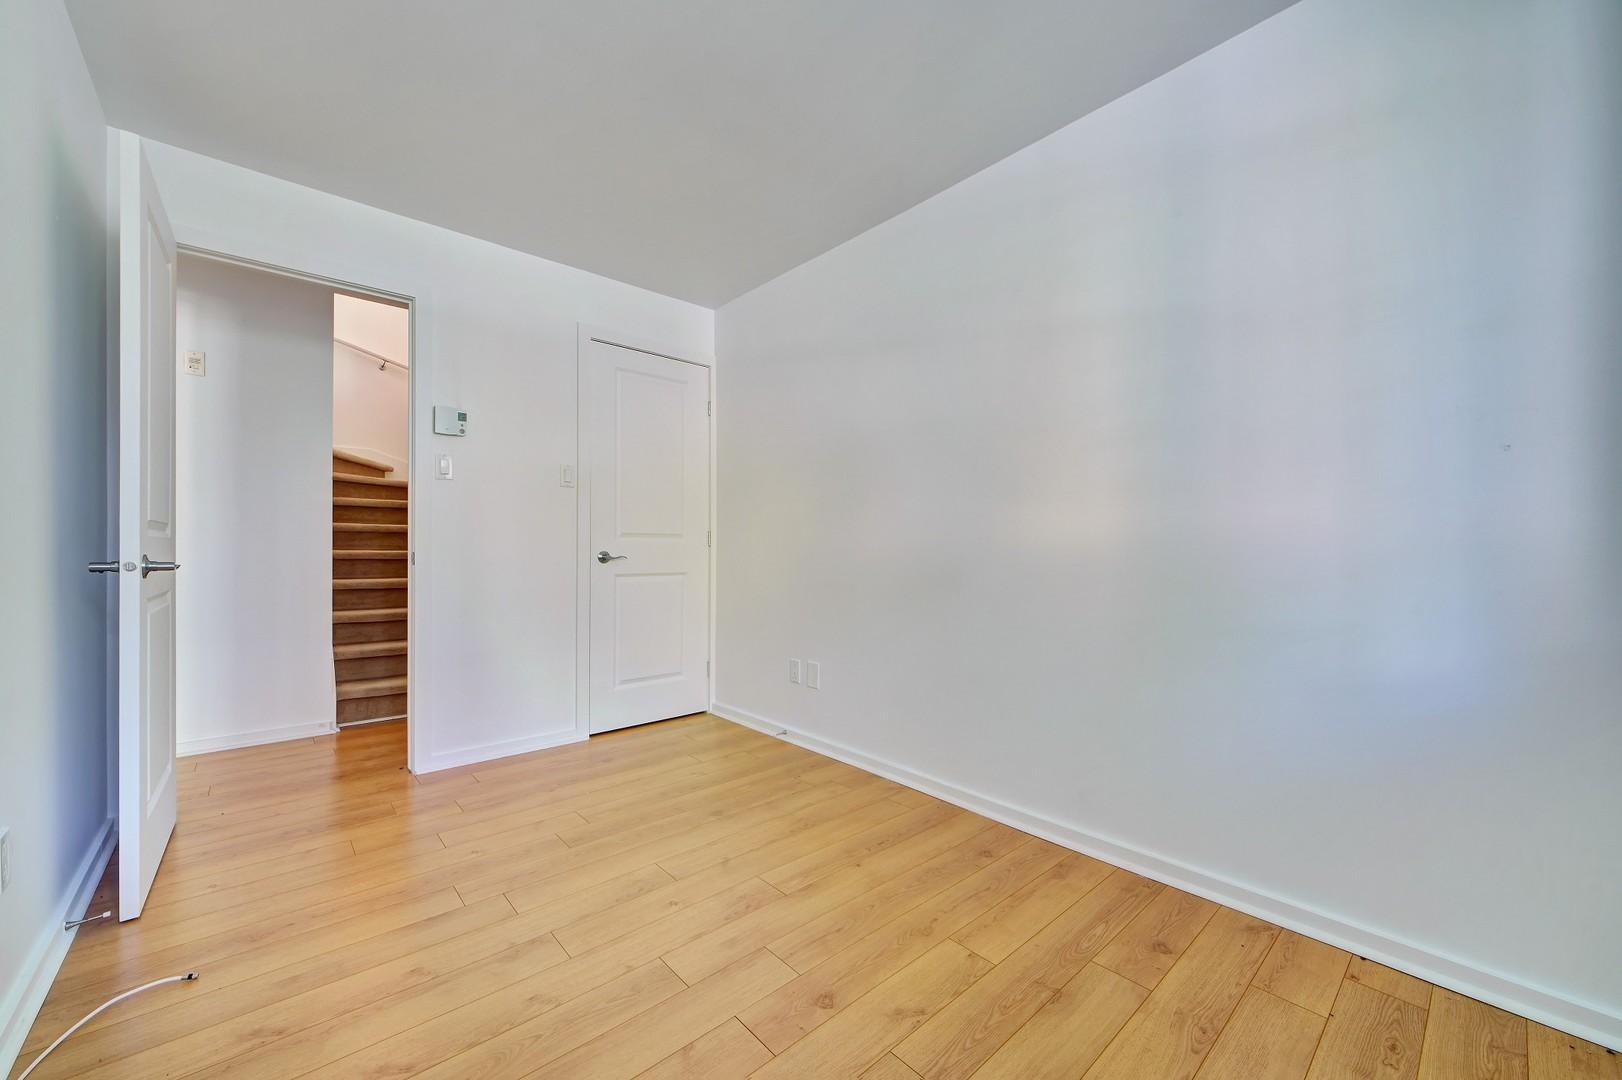 image 5 - Condo - For rent - Montréal  (Rivière-des-Prairies) - 4 rooms